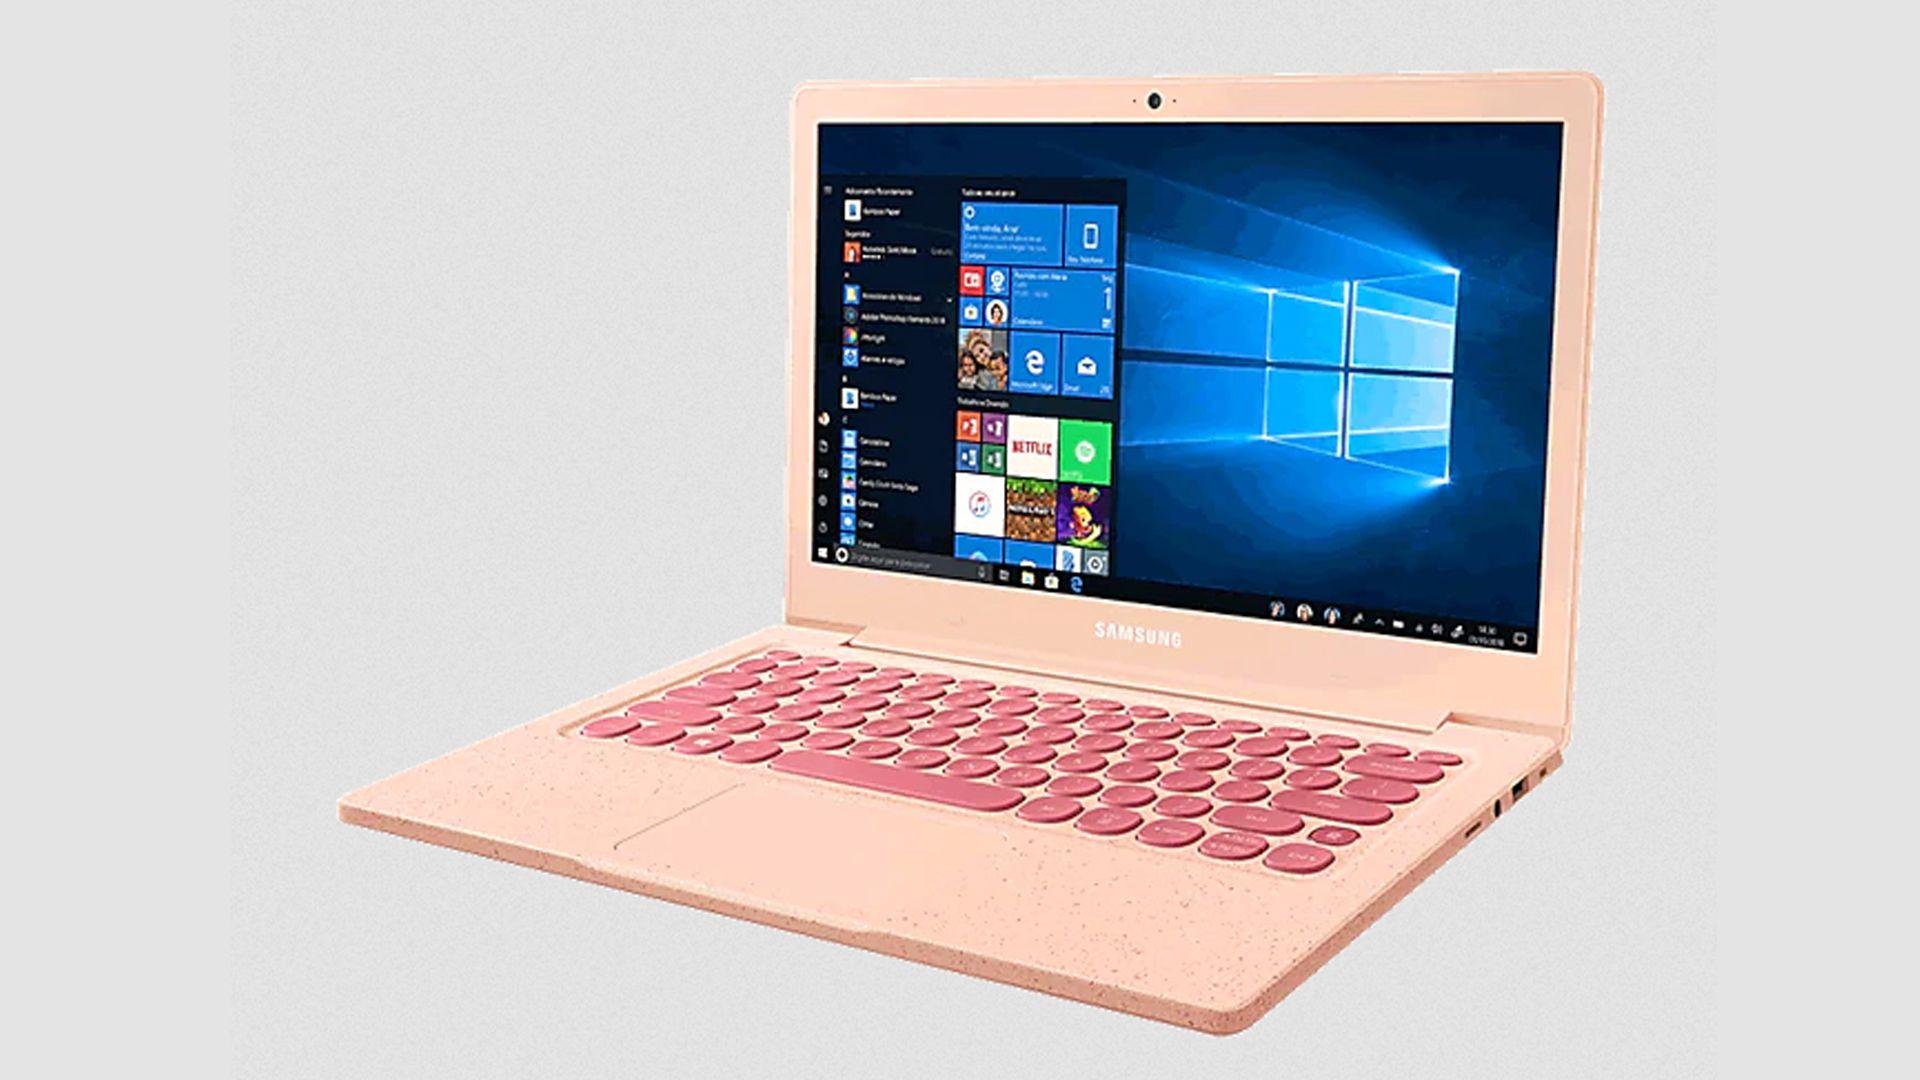 O notebook Samsung Flash F30 rosa é ideal para atividades básicas. (Fonte: Reprodução)